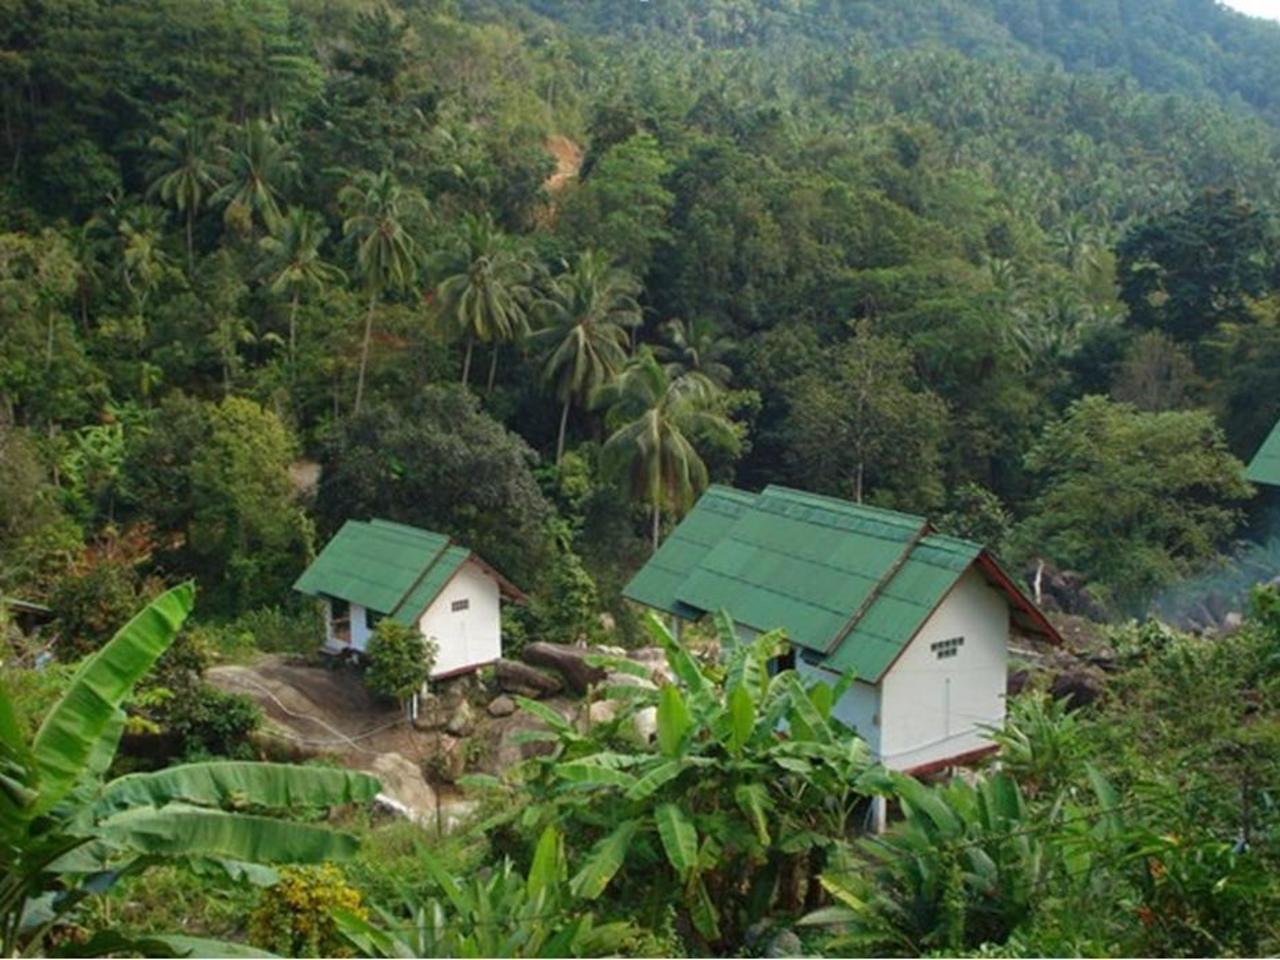 บัญชา สระมโนราห์ รีสอร์ท (Buncha Sramanora Resort)